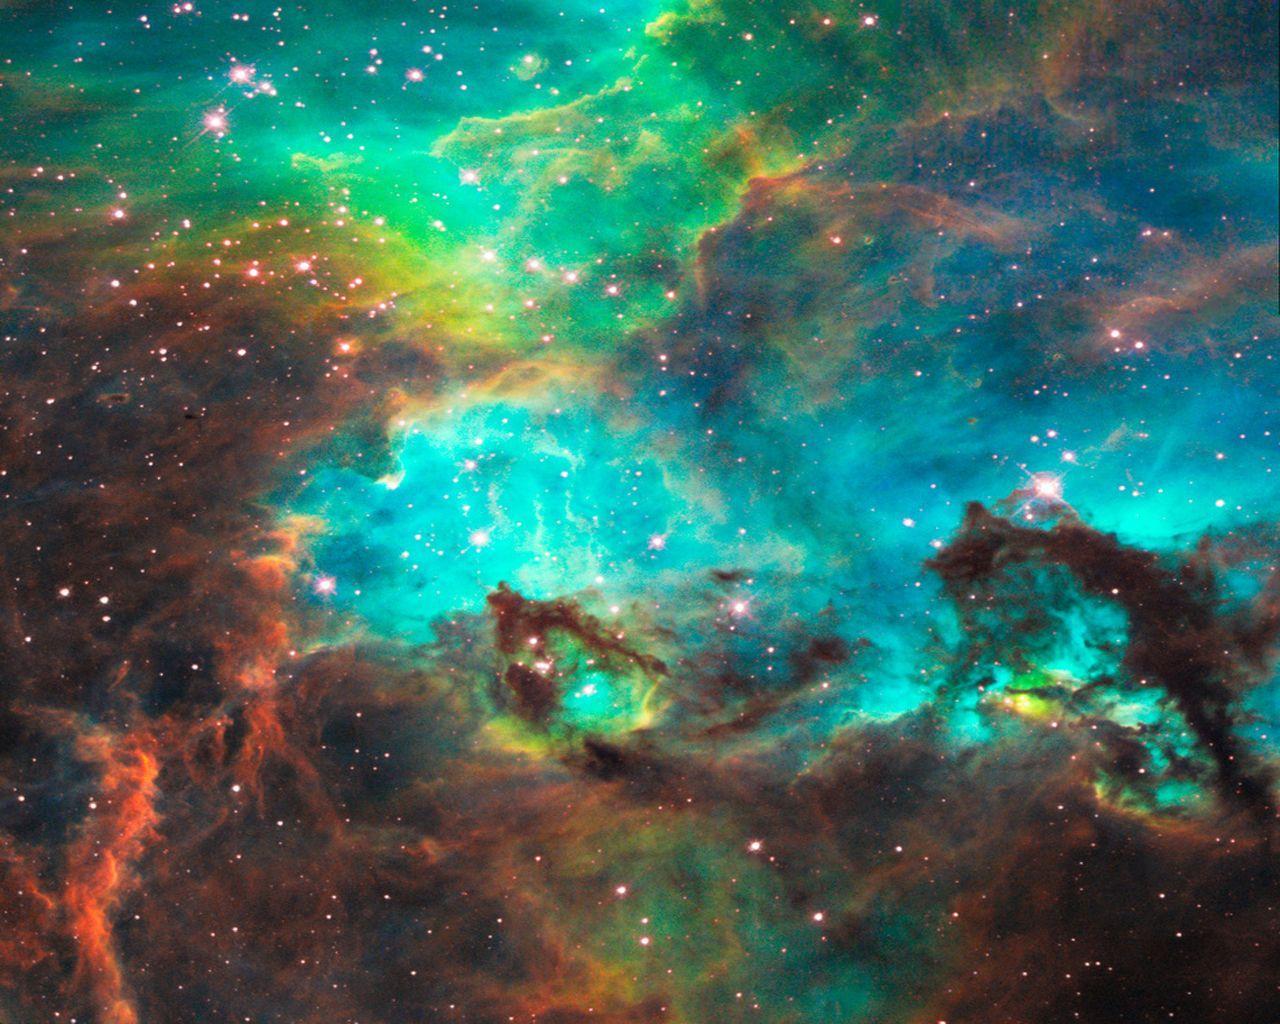 1280x1024 không gian bên ngoài, sao, thiên hà, hình nền tinh vân